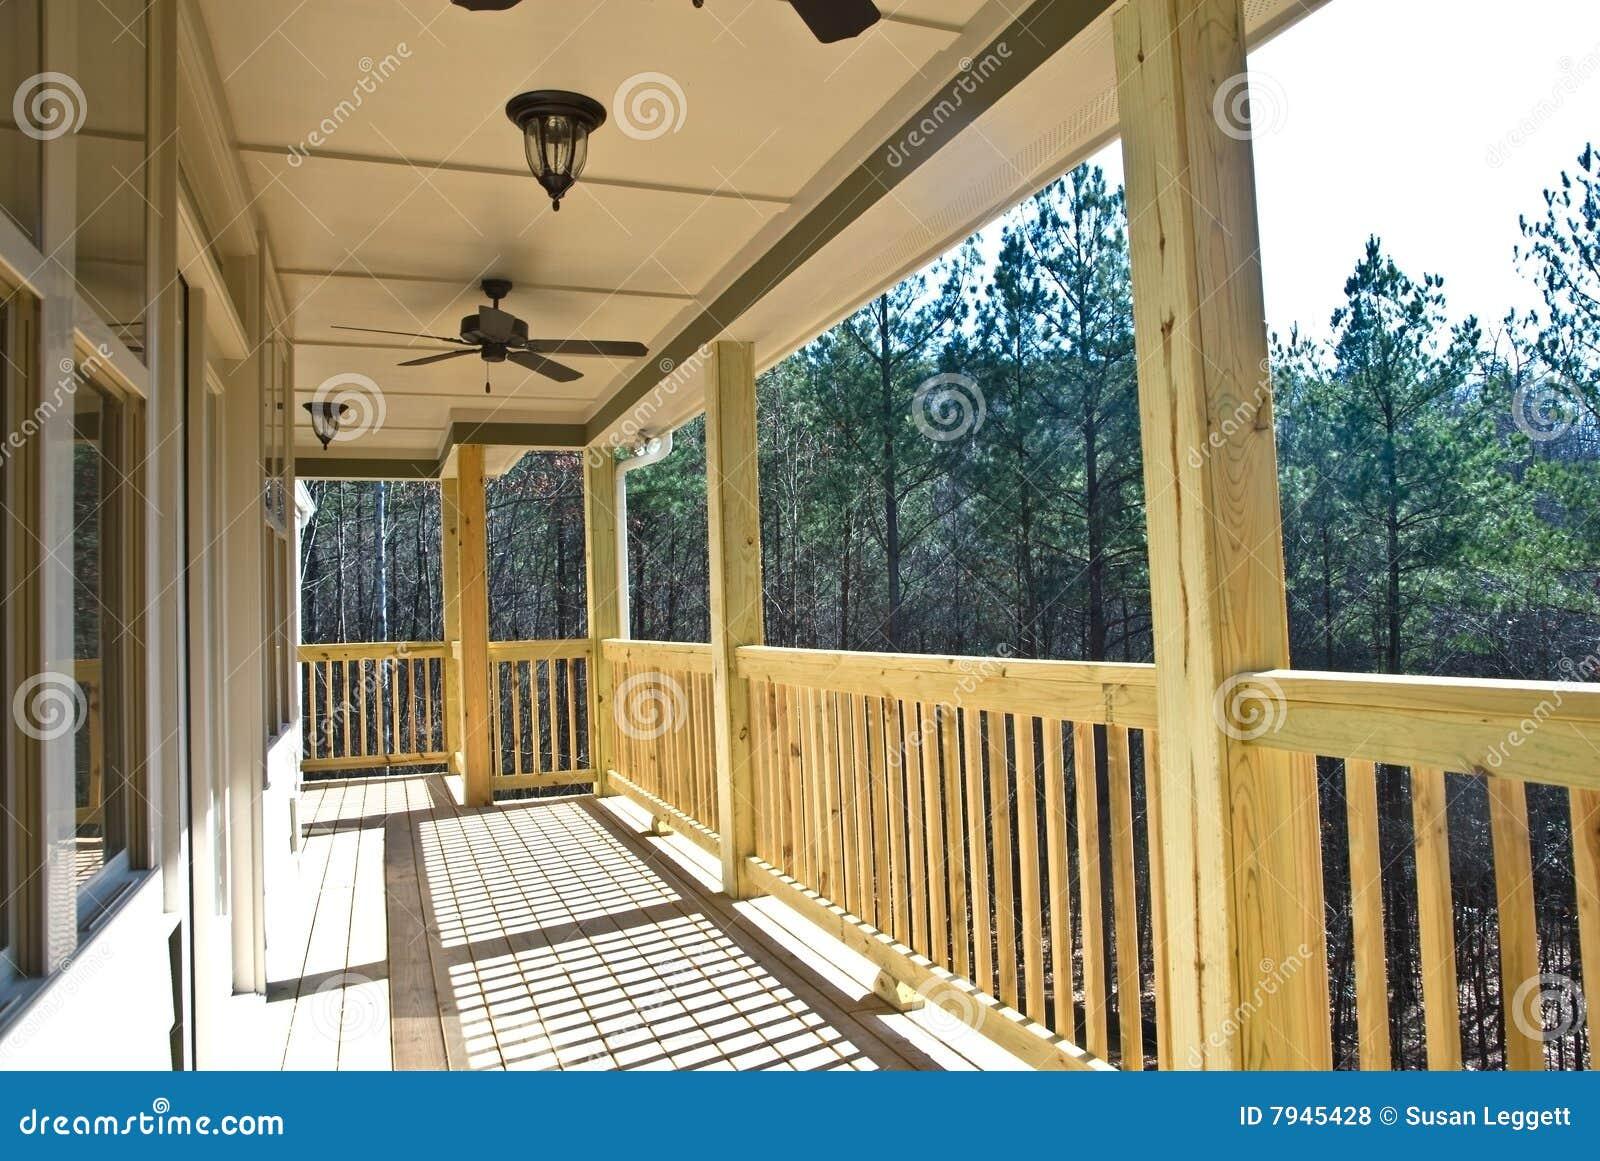 Cubierta/pórtico de madera en casa